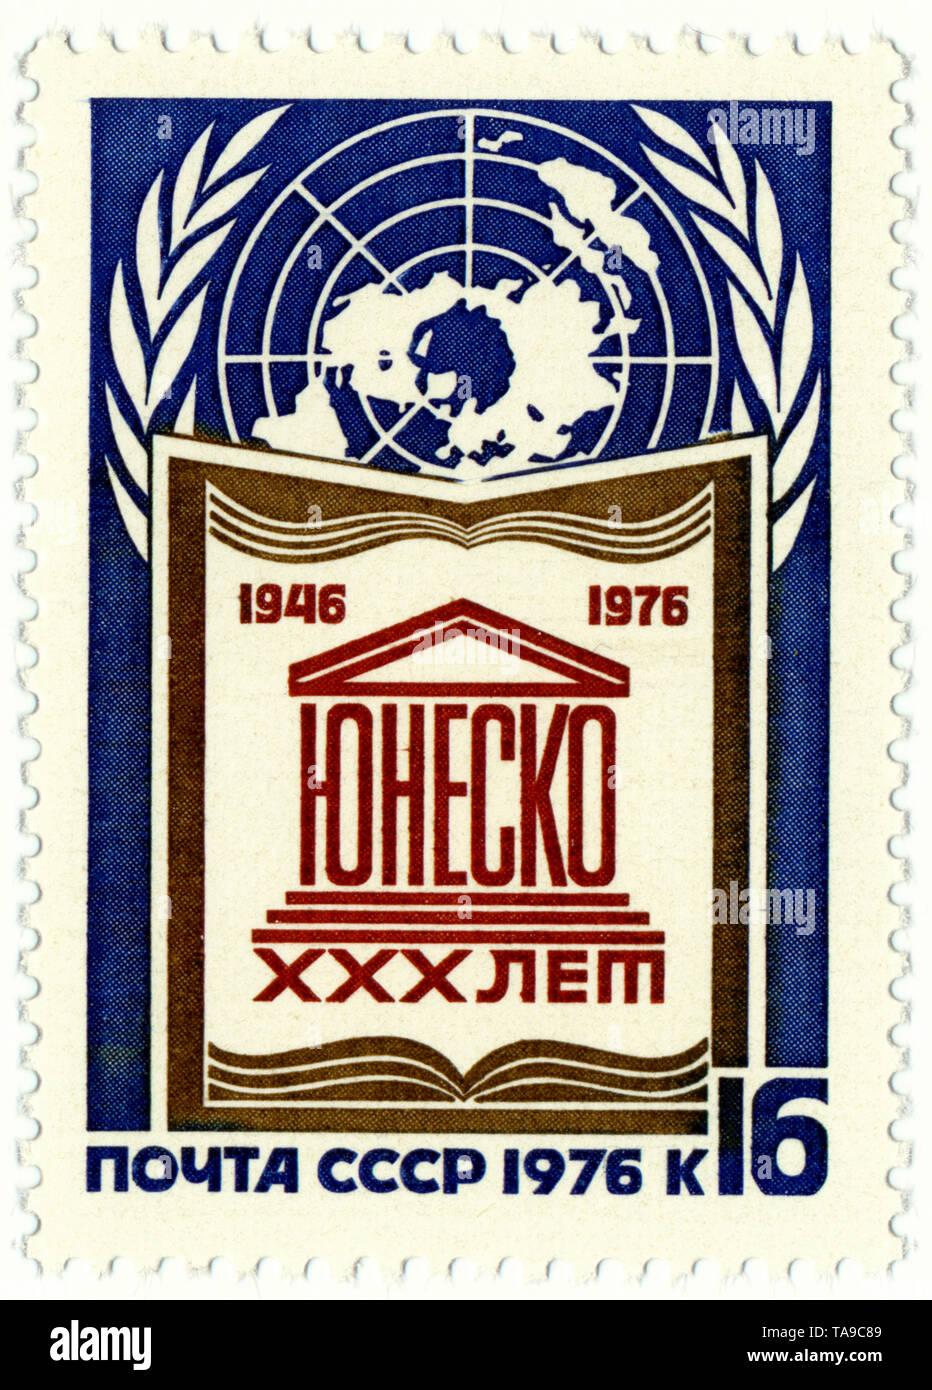 Historic postage stamps of the USSR, political motives, 30th Anniversary of the United Nations, UNESCO, 1976, Historische Briefmarken, zum 30. Jahrestag der Vereinten Nationen,  UNESCO, 1976, UDSSR - Stock Image